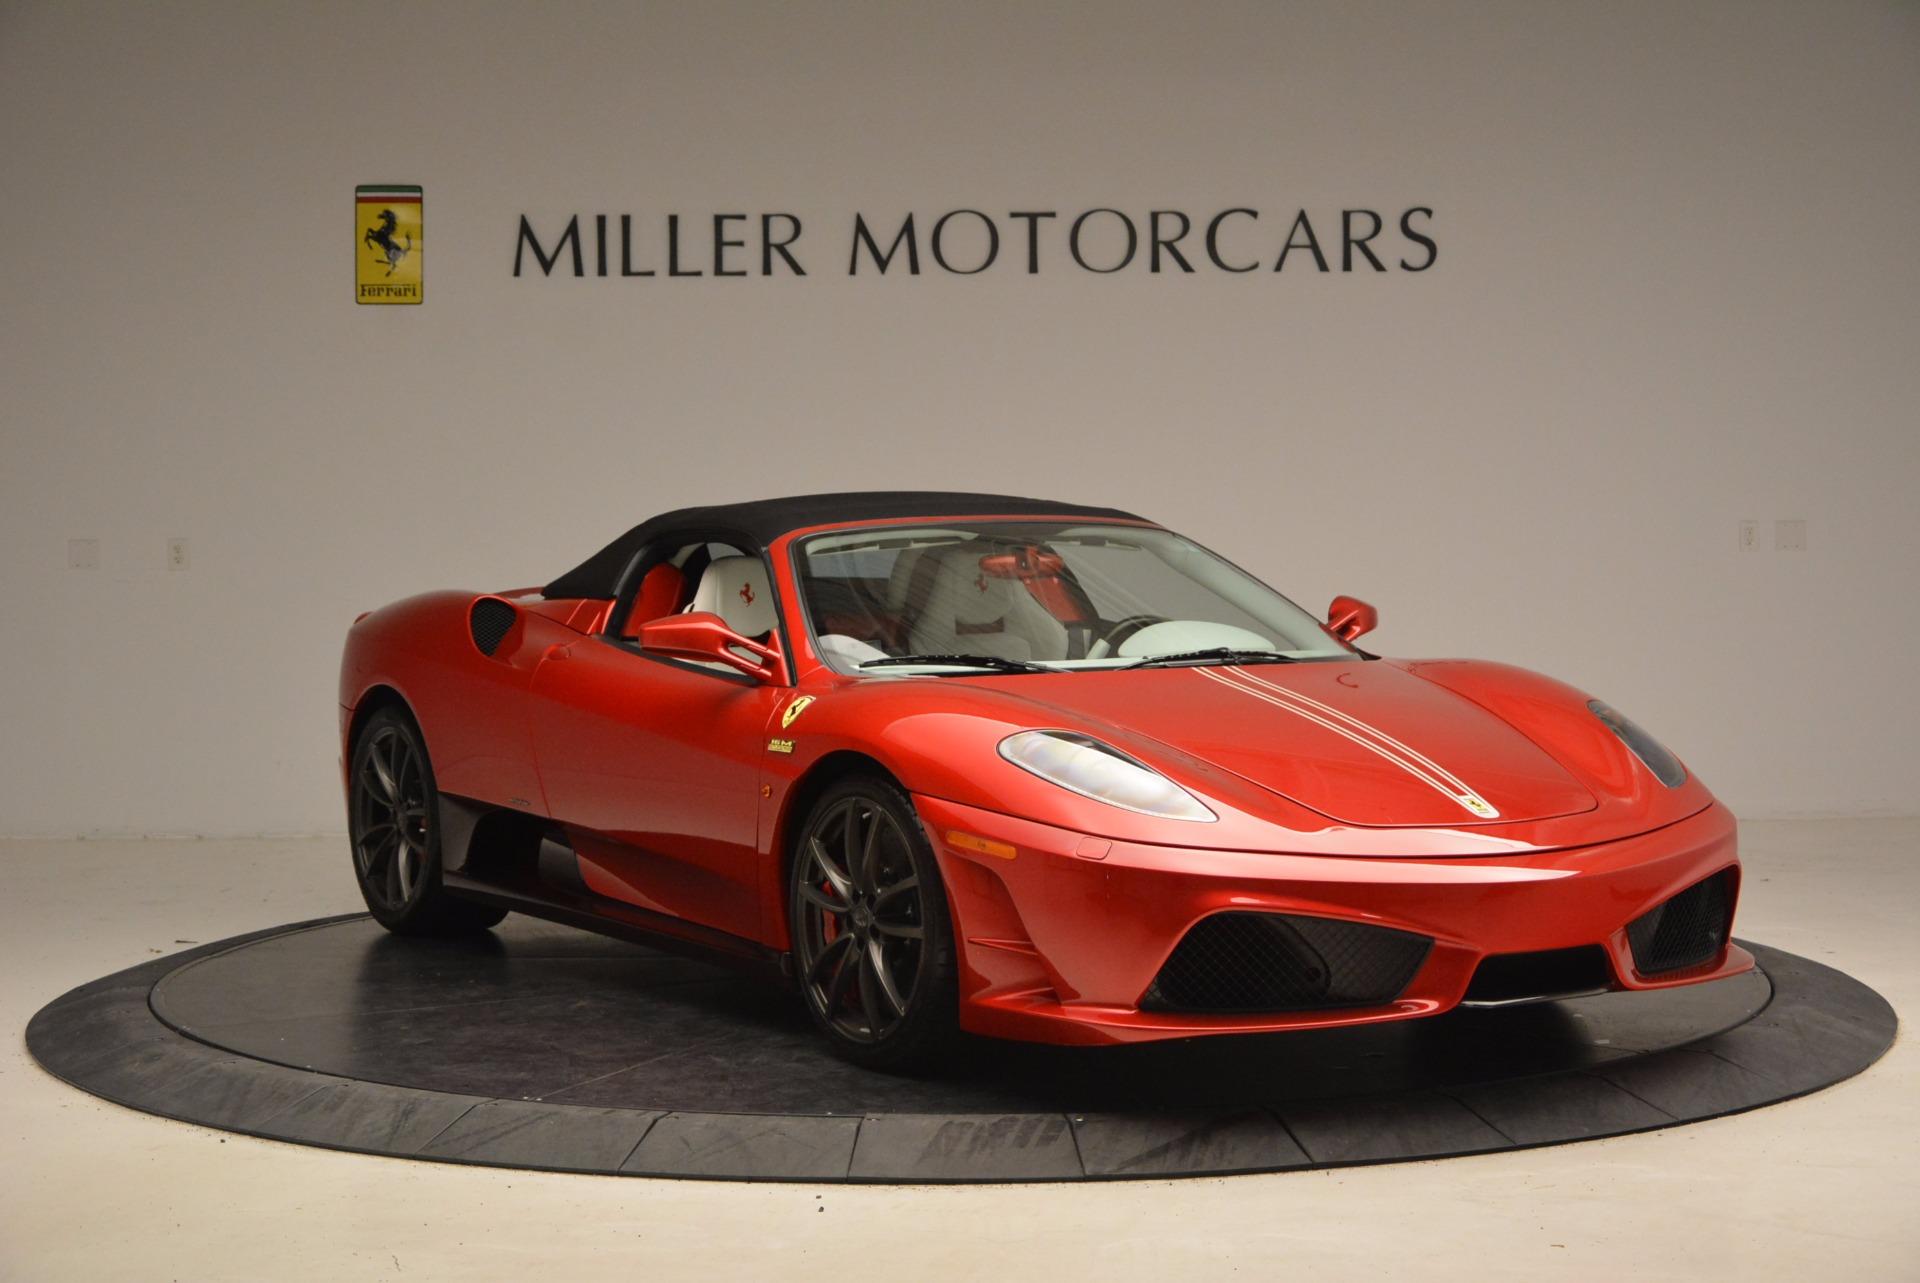 Used 2009 Ferrari F430 Scuderia 16M For Sale In Greenwich, CT 1398_p23